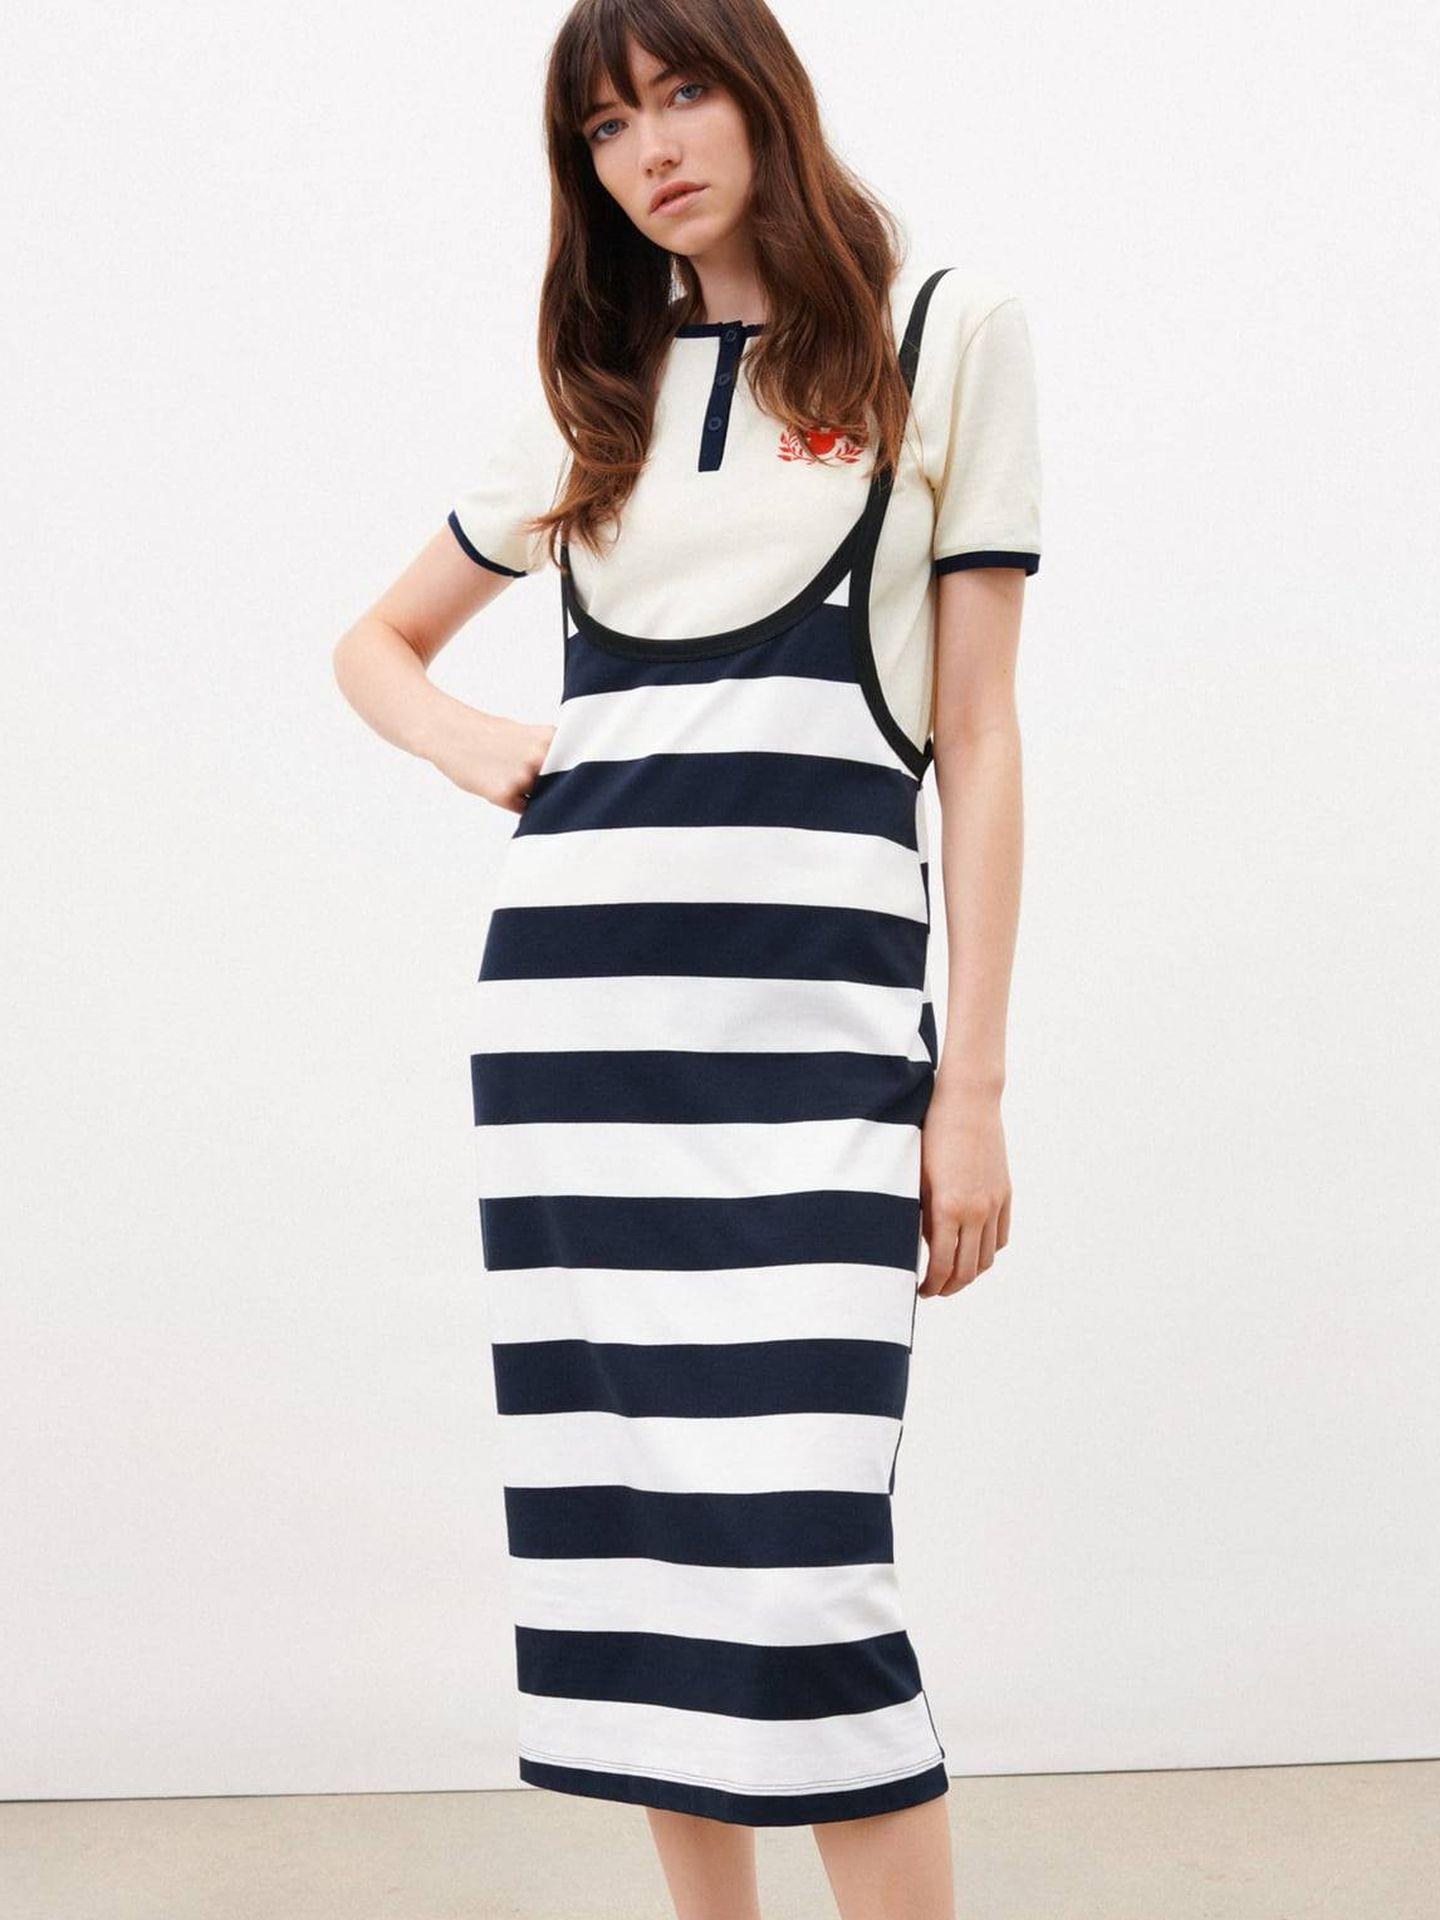 Falda de rayas de Zara. (Cortesía)